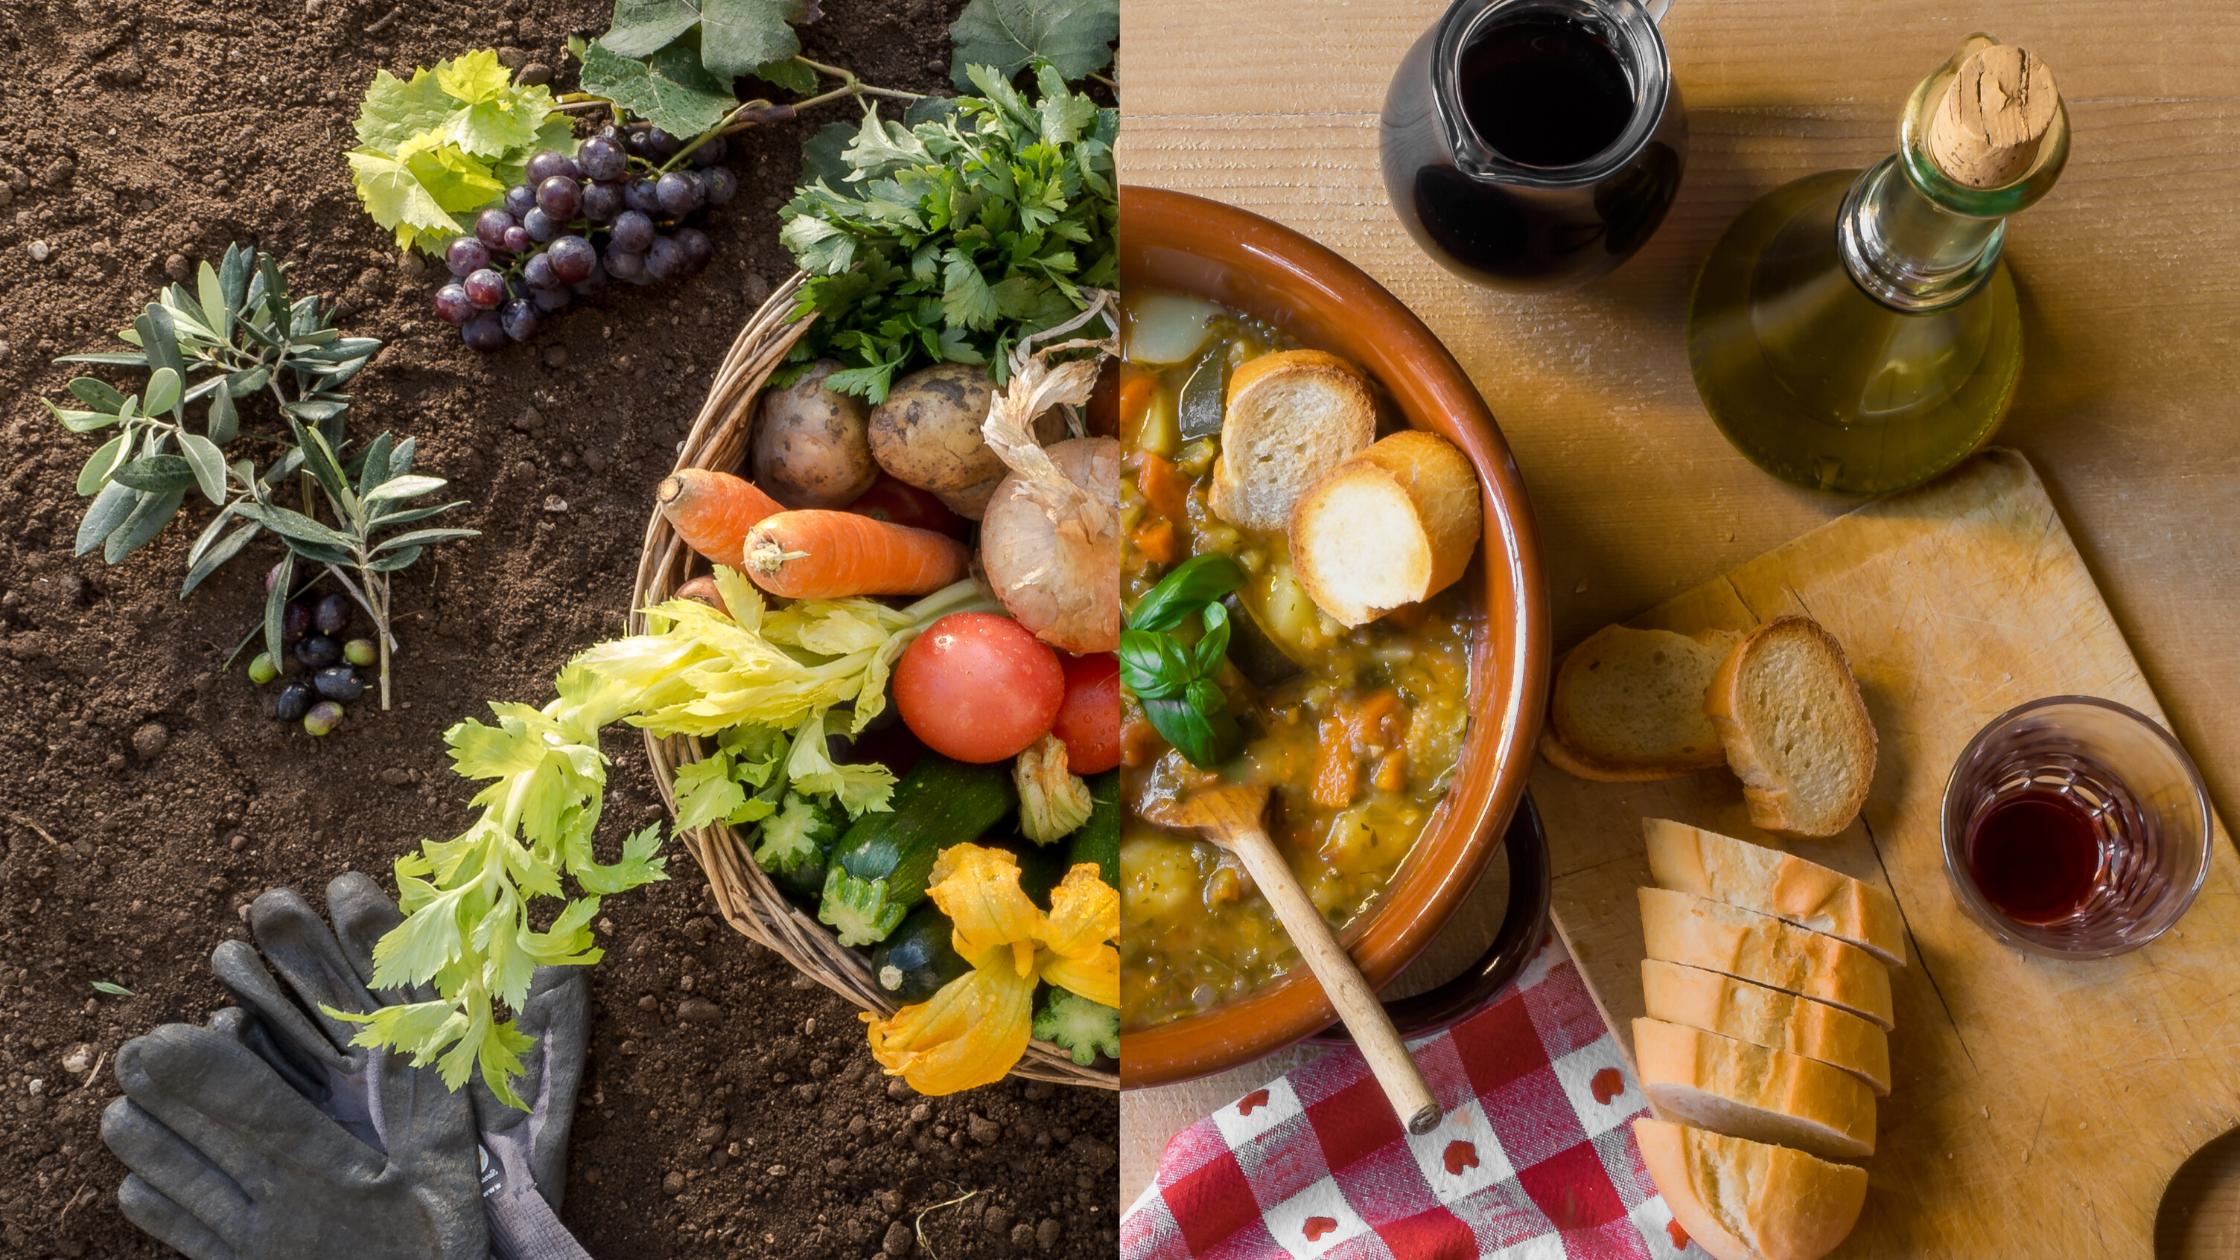 Bio-Mahlzeiten im Urlaub kochen